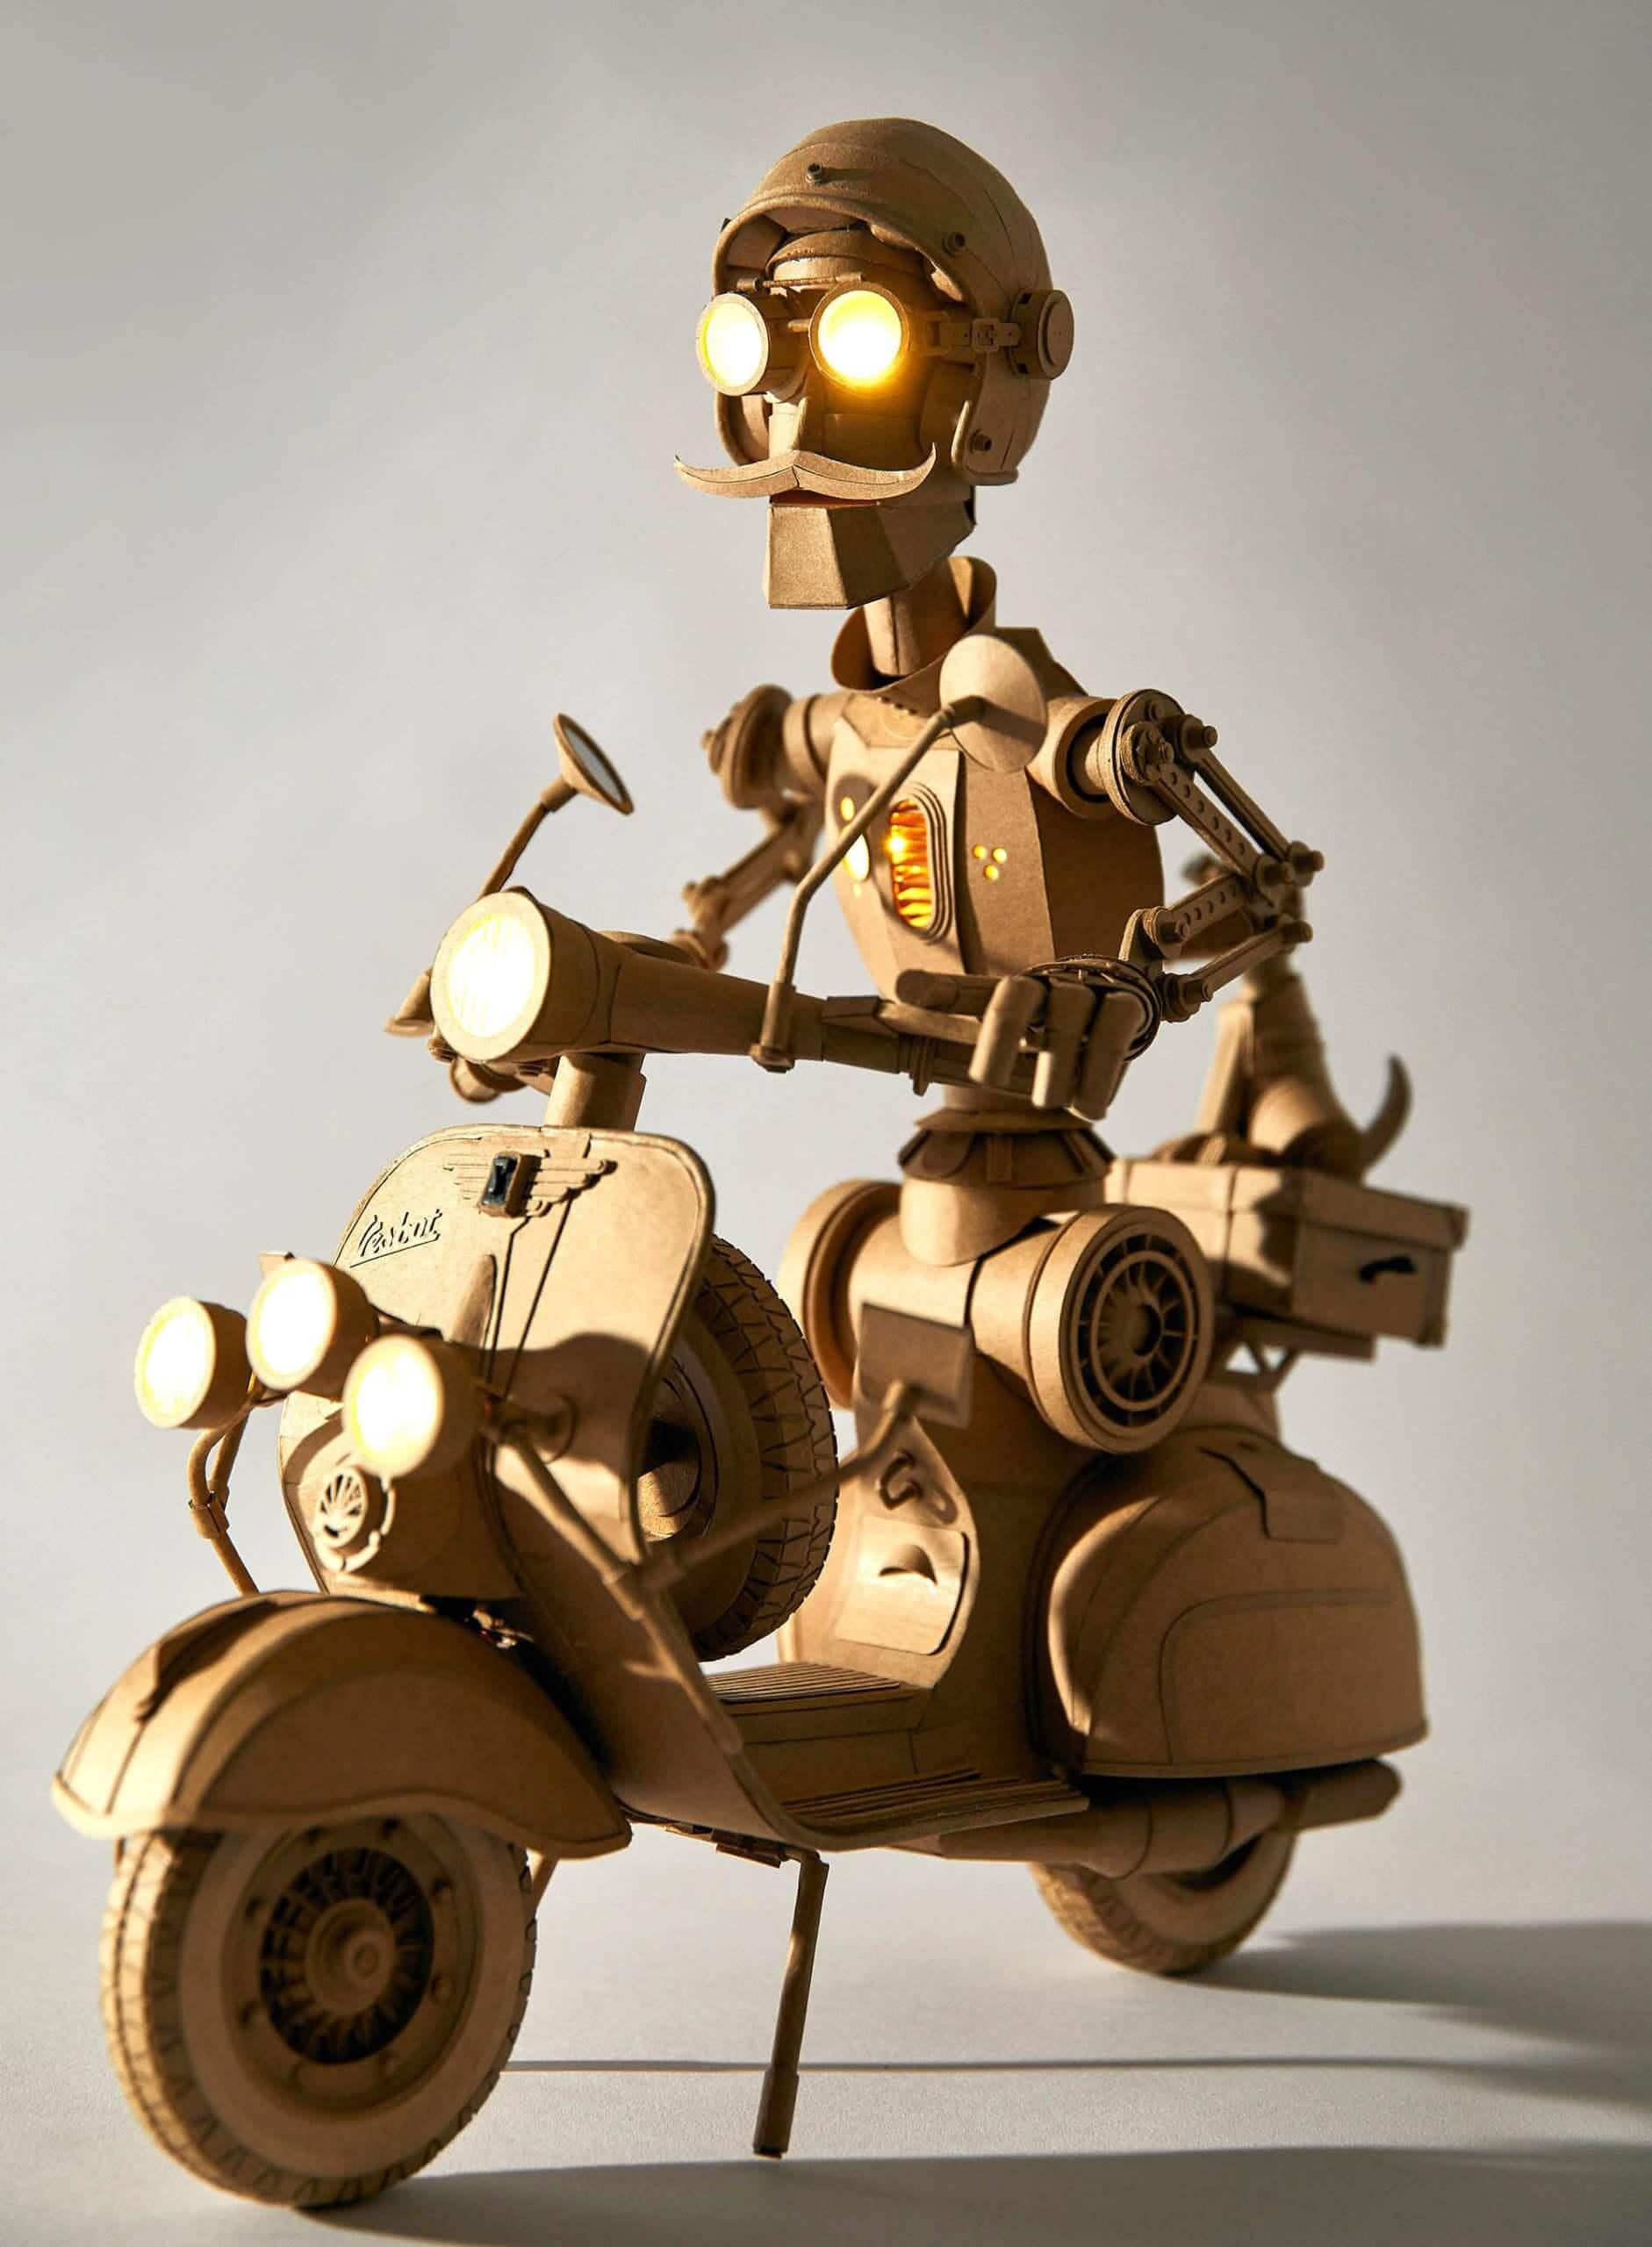 escultura de cartón de un robot en moto